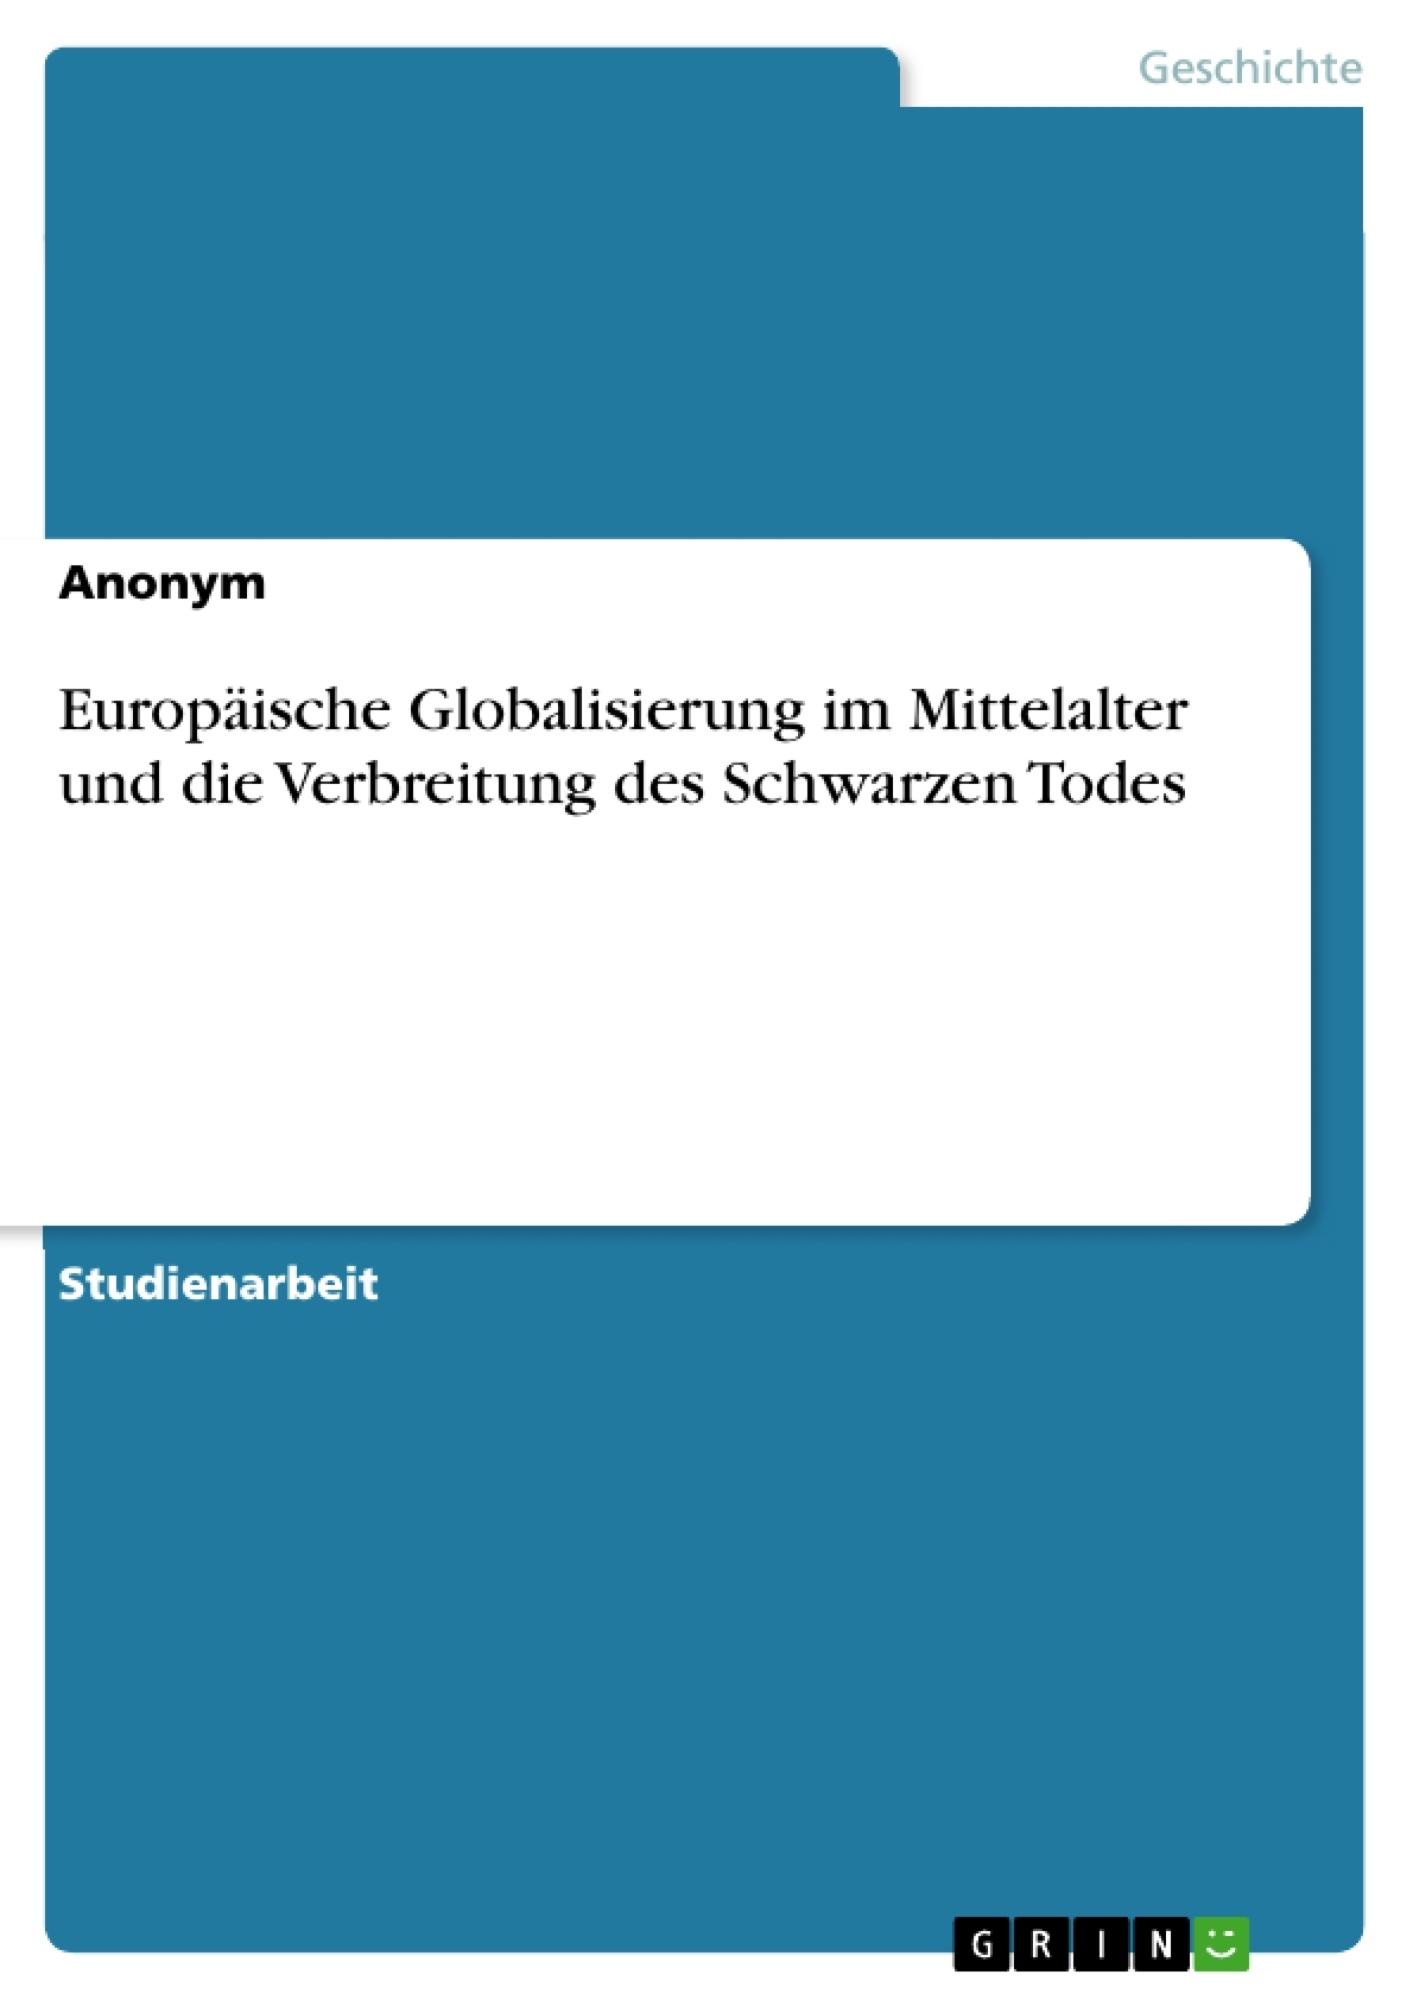 Titel: Europäische Globalisierung im Mittelalter und die Verbreitung des Schwarzen Todes